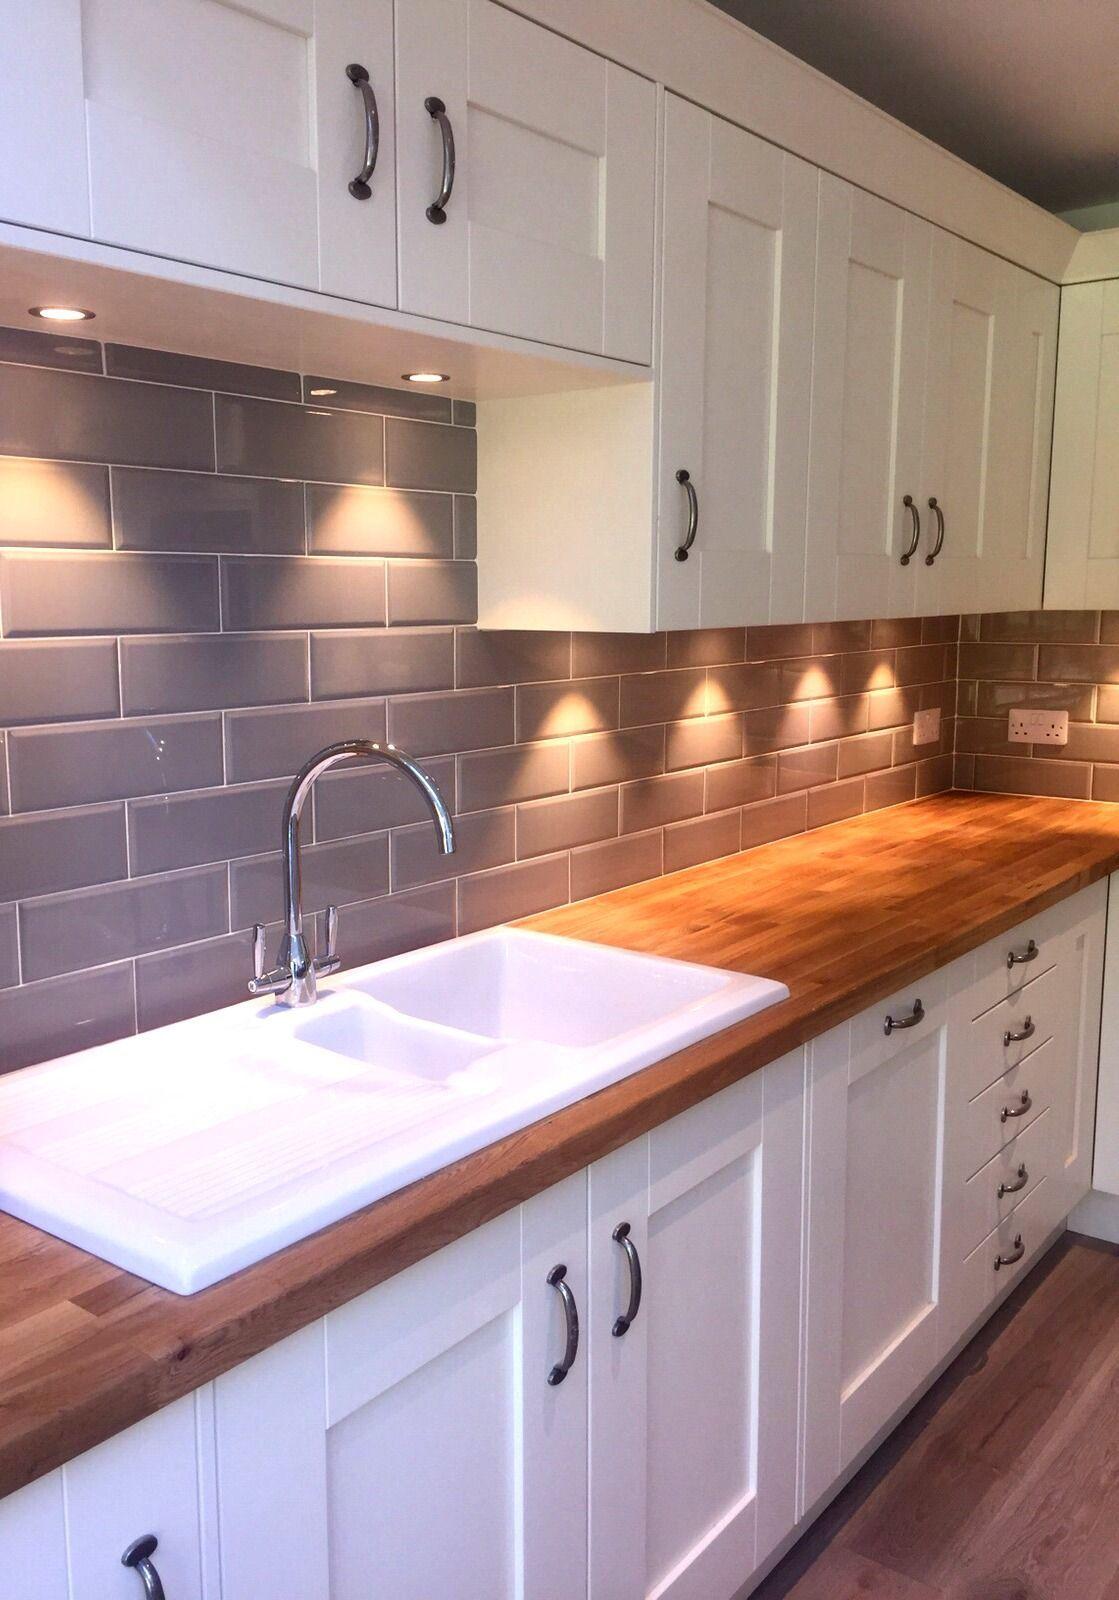 Our Edge Grigio Tiles Look Lovely In A Cream Kitchen With Wooden Worktops 31 Best Modern Kitchen Li Kitchen Cabinets Decor Kitchen Tiles Design Kitchen Design